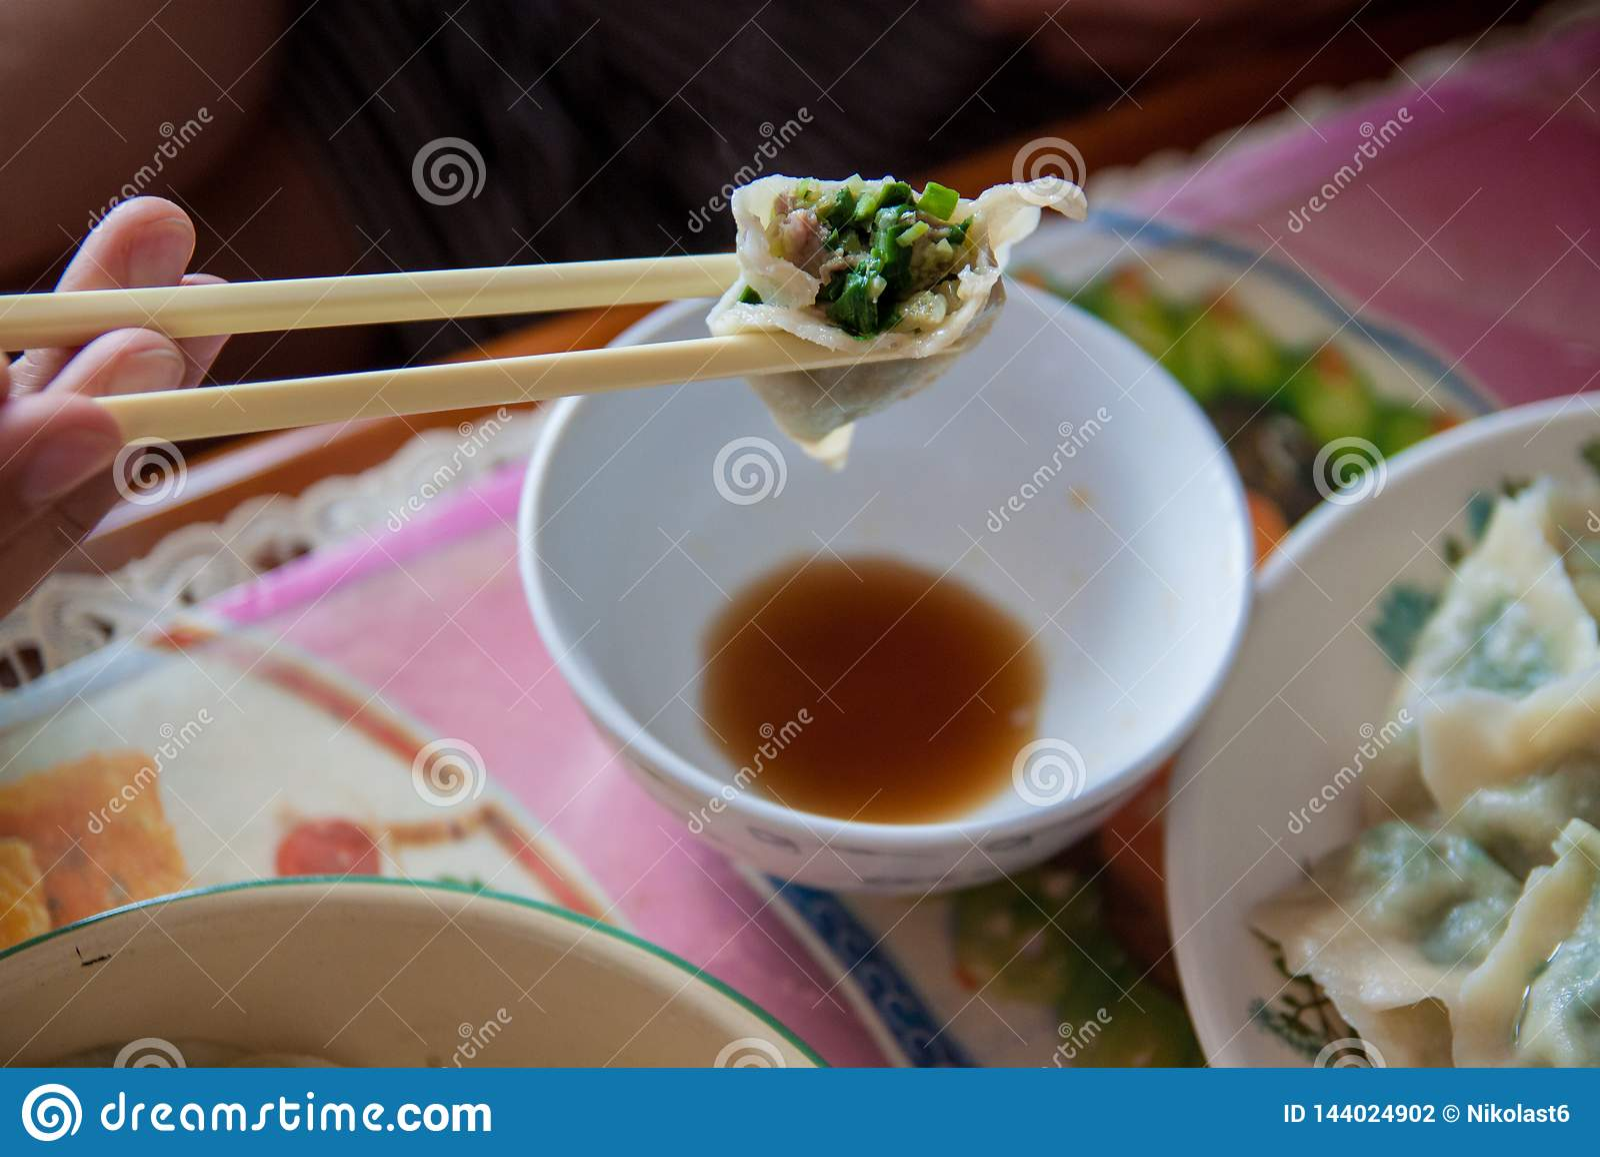 Mehlklöße des traditionellen Chinesen Kochen von selbst gemachten Mehlklößen mit Fleisch und Grüns